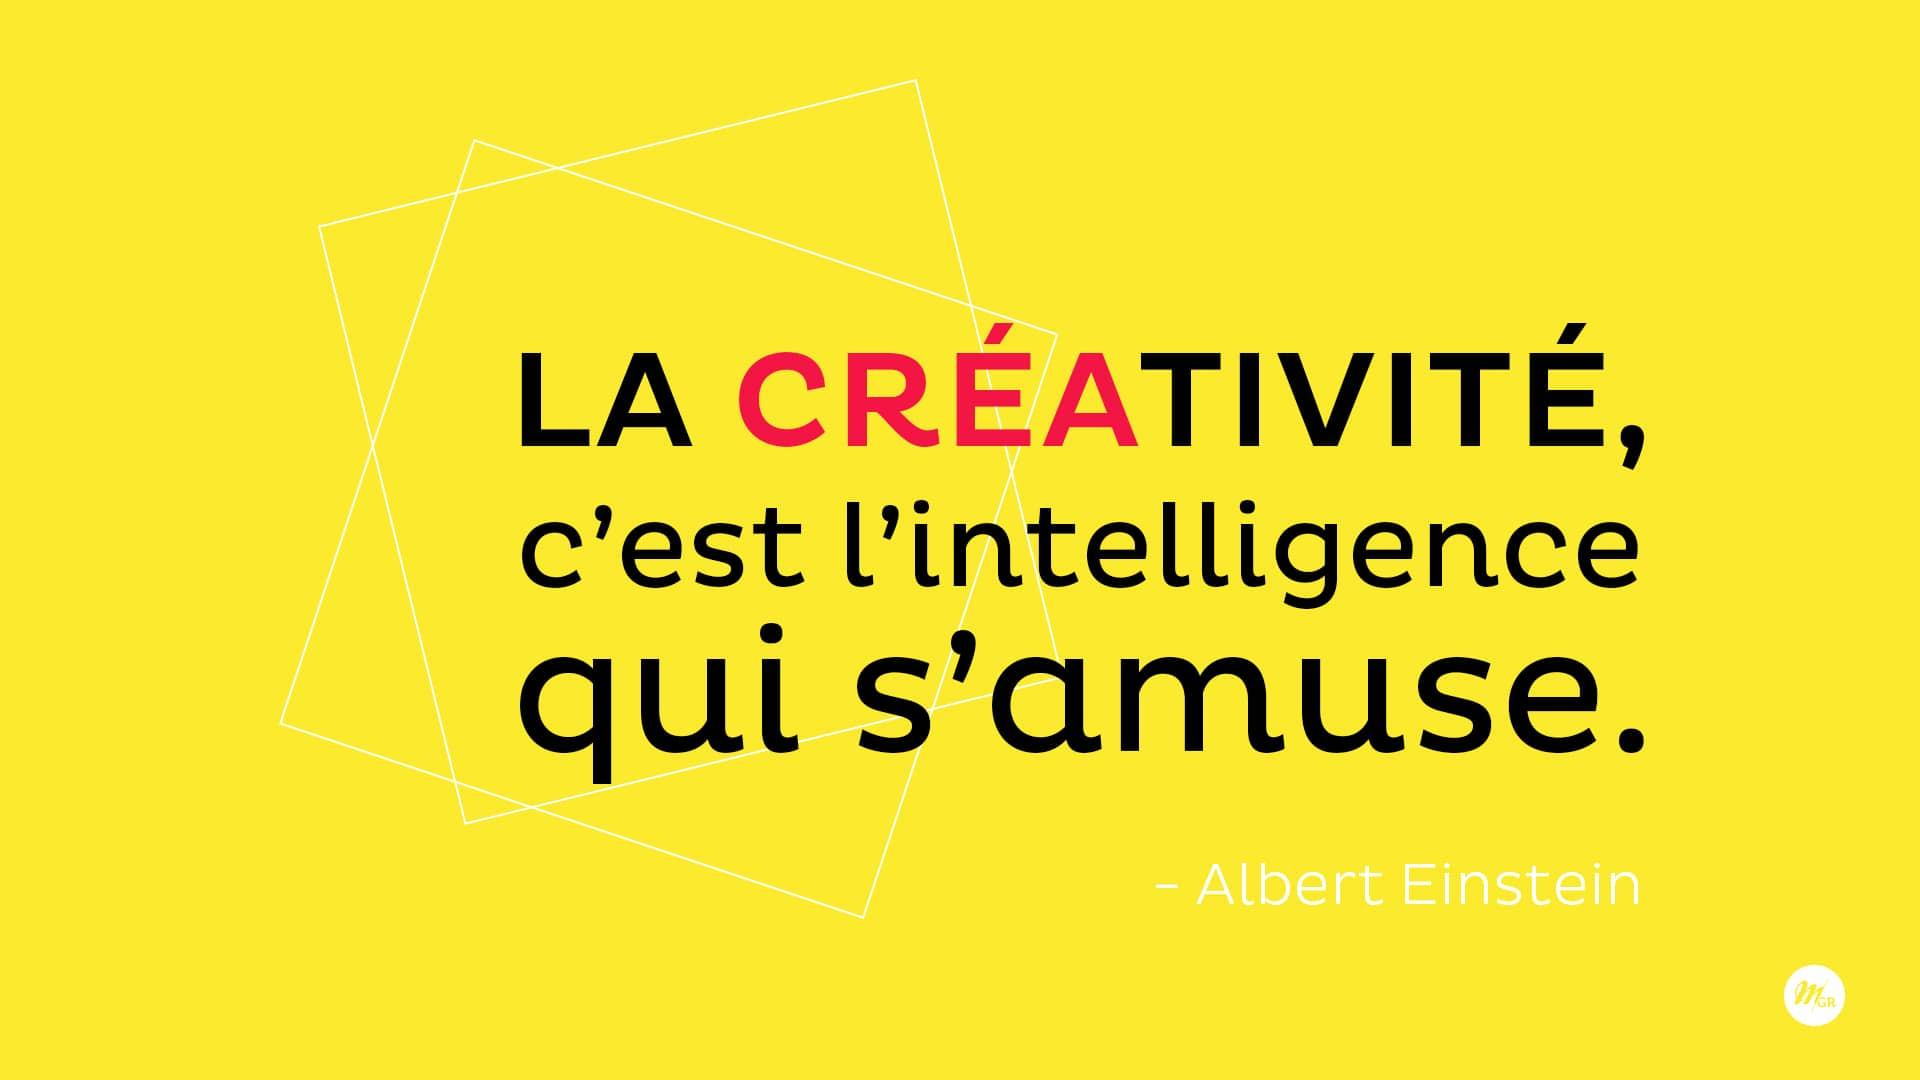 La créativité c'est l'intelligence qui s'amuse.